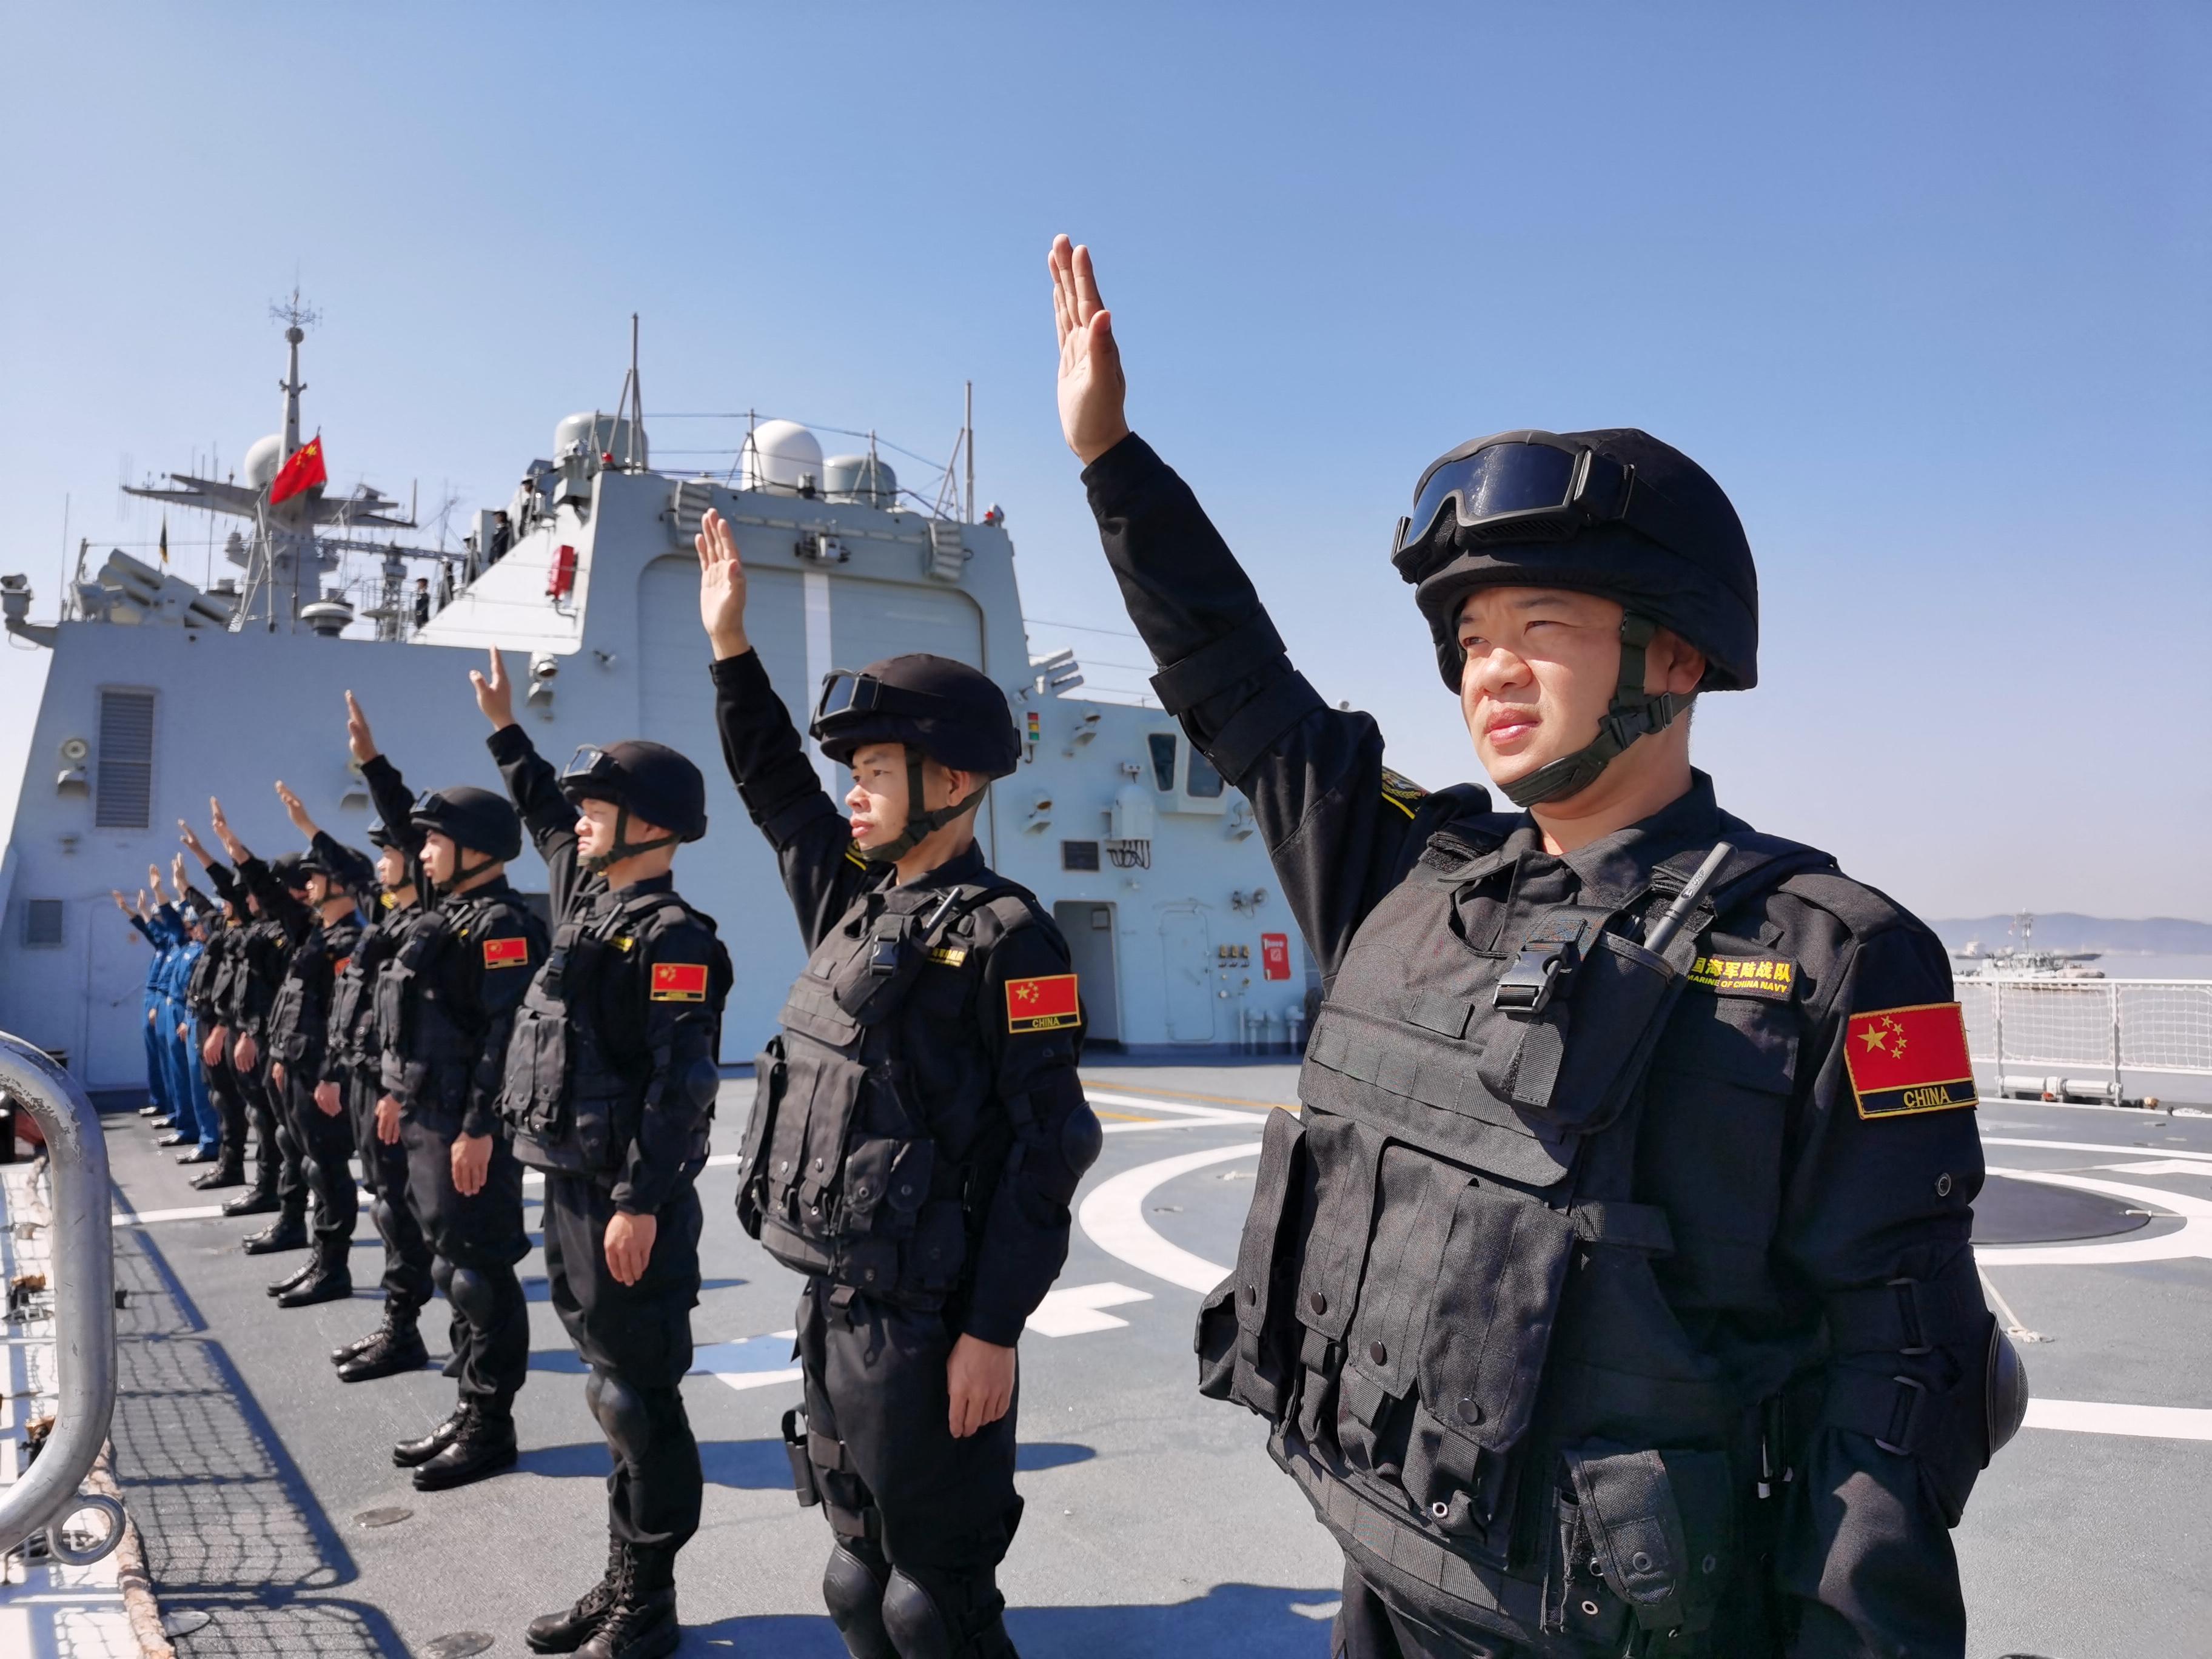 Az Egyesült Államok szerint félő, hogy a kínai kormány Tajvan elfoglalásán gondolkodik